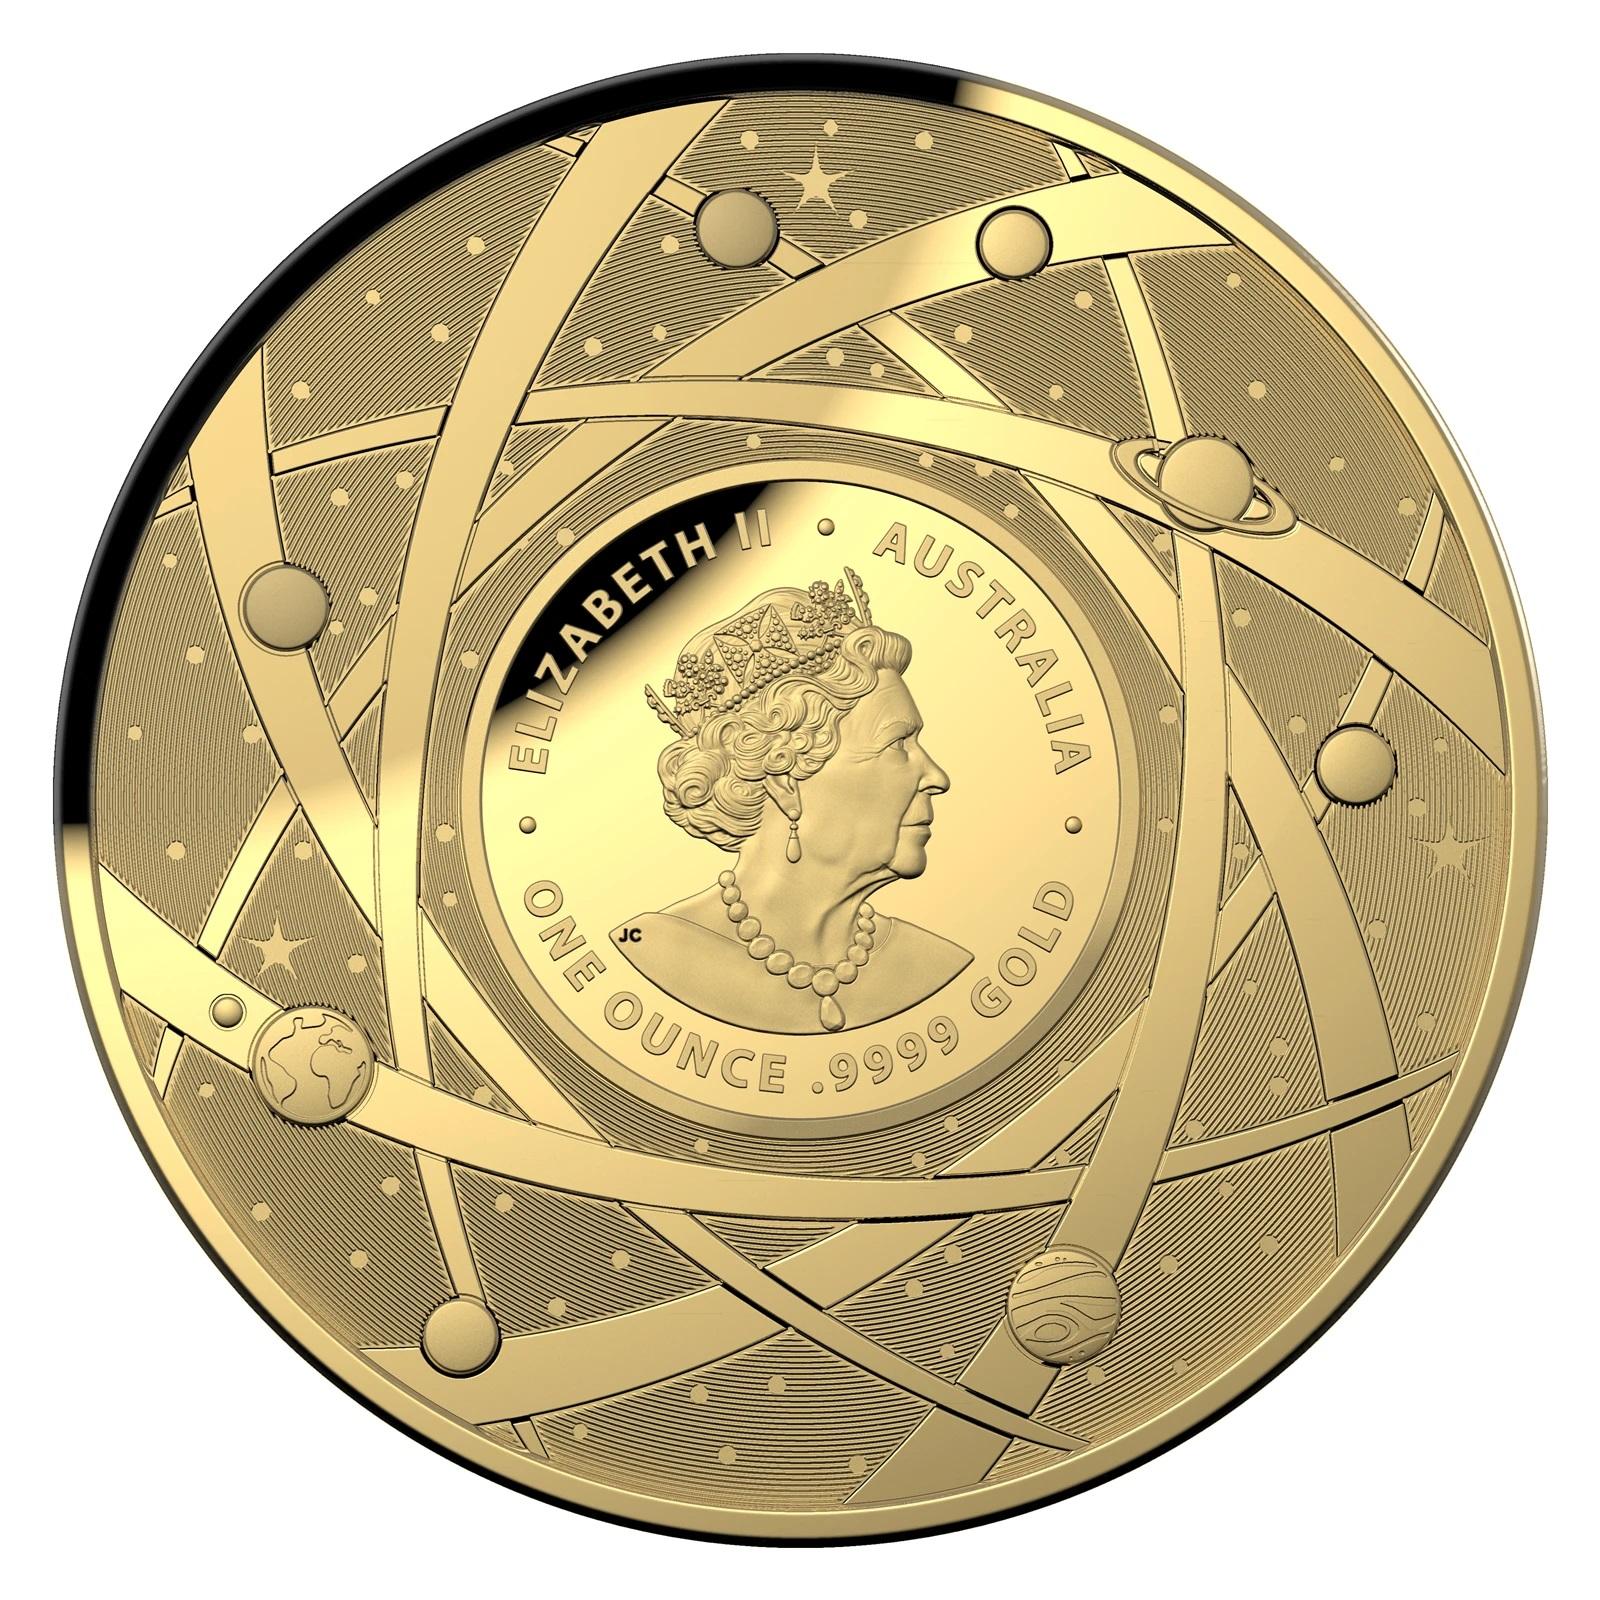 Австралия монета 100 долларов Млечный путь, аверс